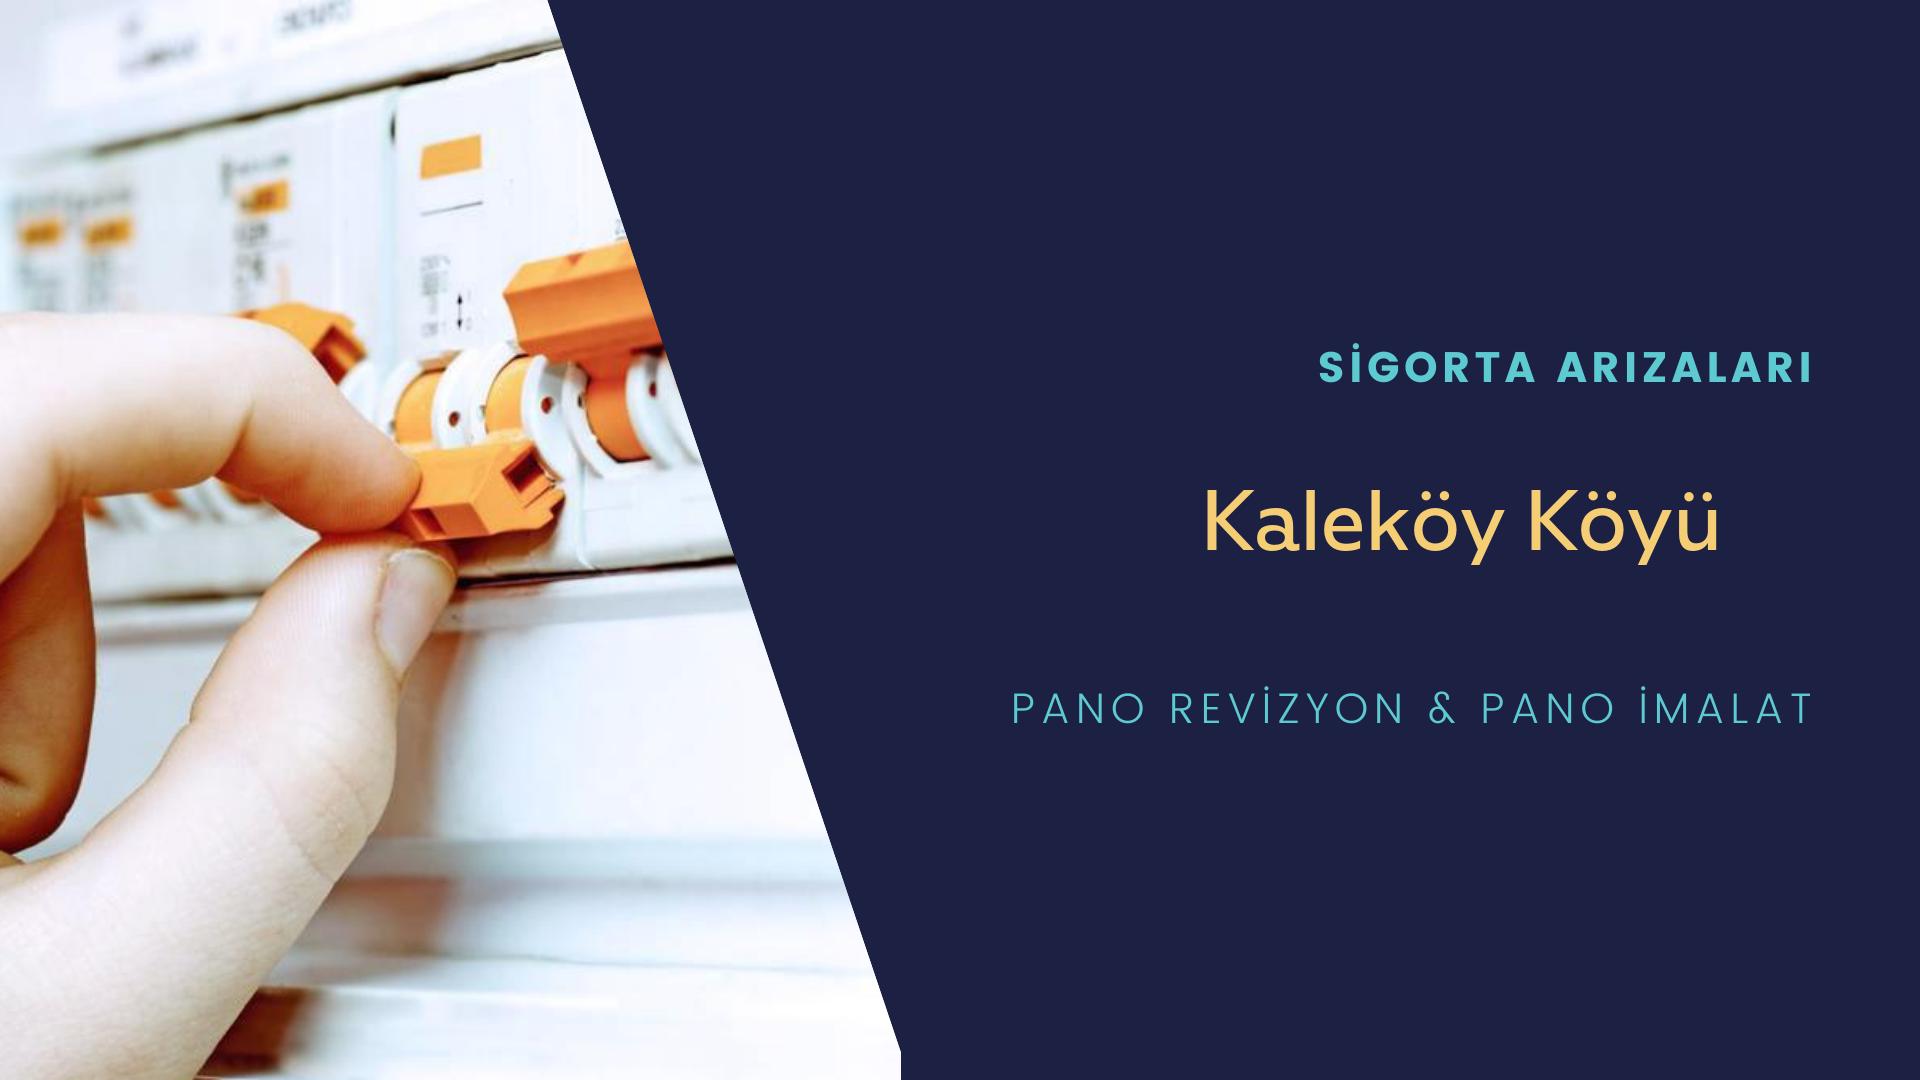 Kaleköy Köyü Sigorta Arızaları İçin Profesyonel Elektrikçi ustalarımızı dilediğiniz zaman arayabilir talepte bulunabilirsiniz.